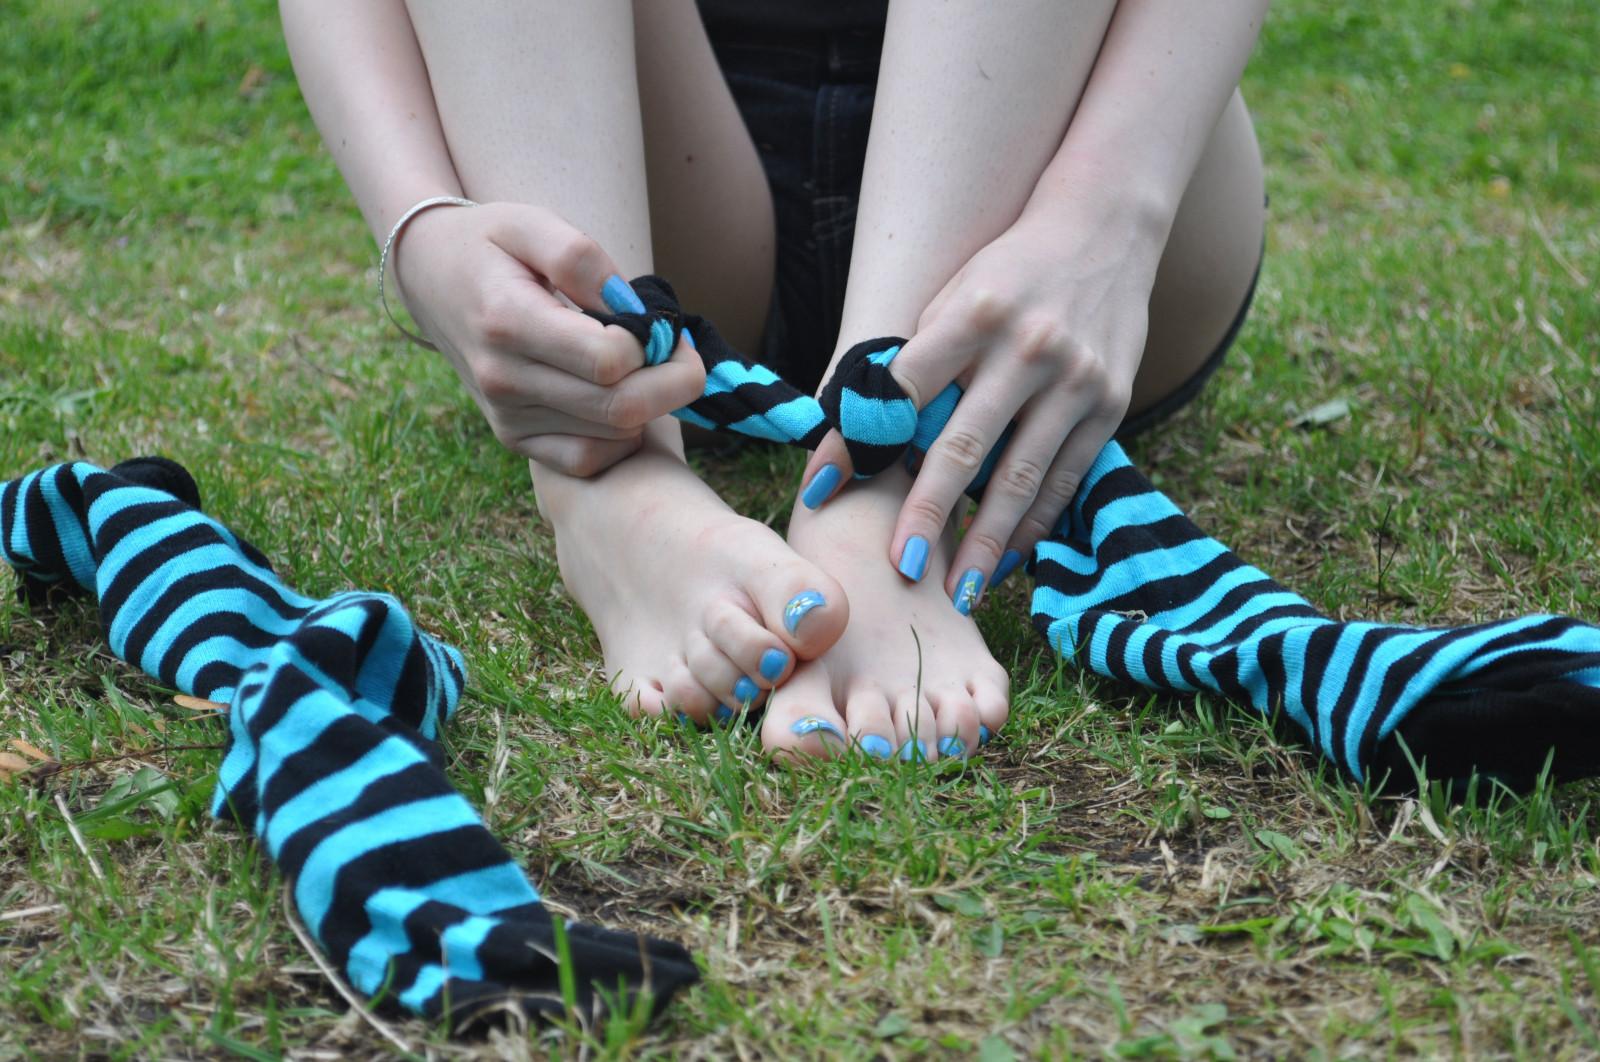 Emo feet